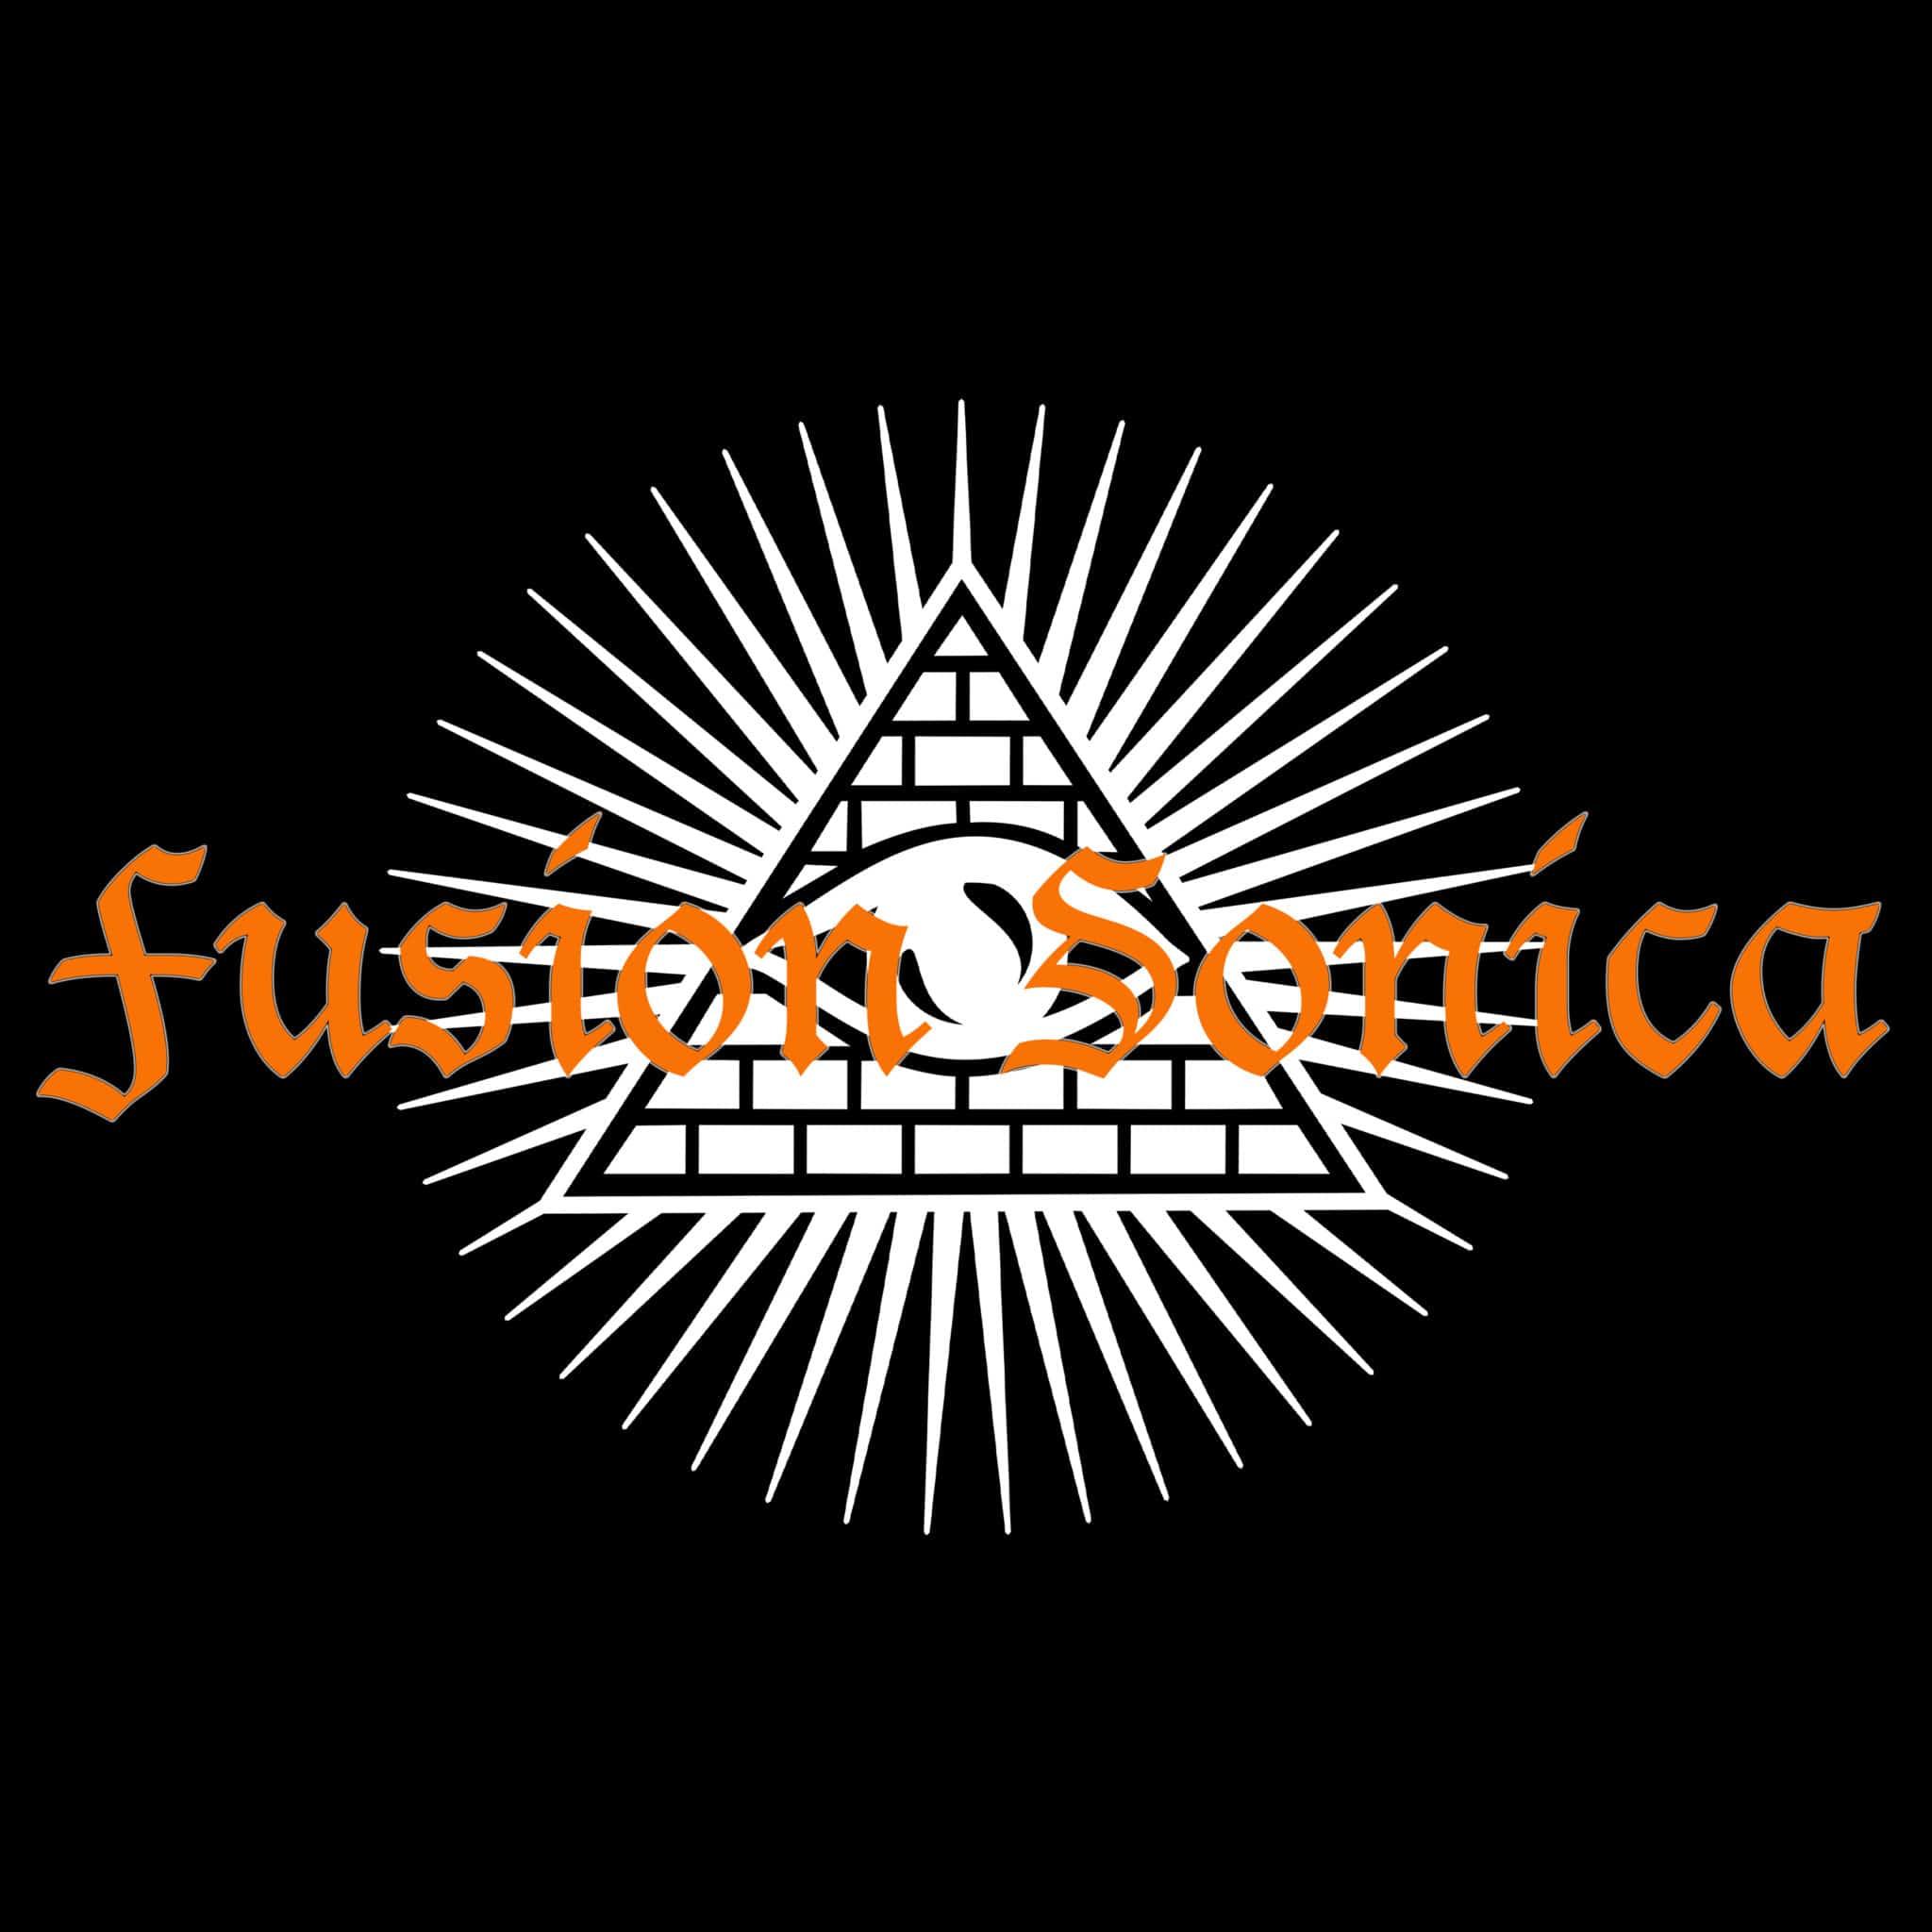 Fusion Sonica